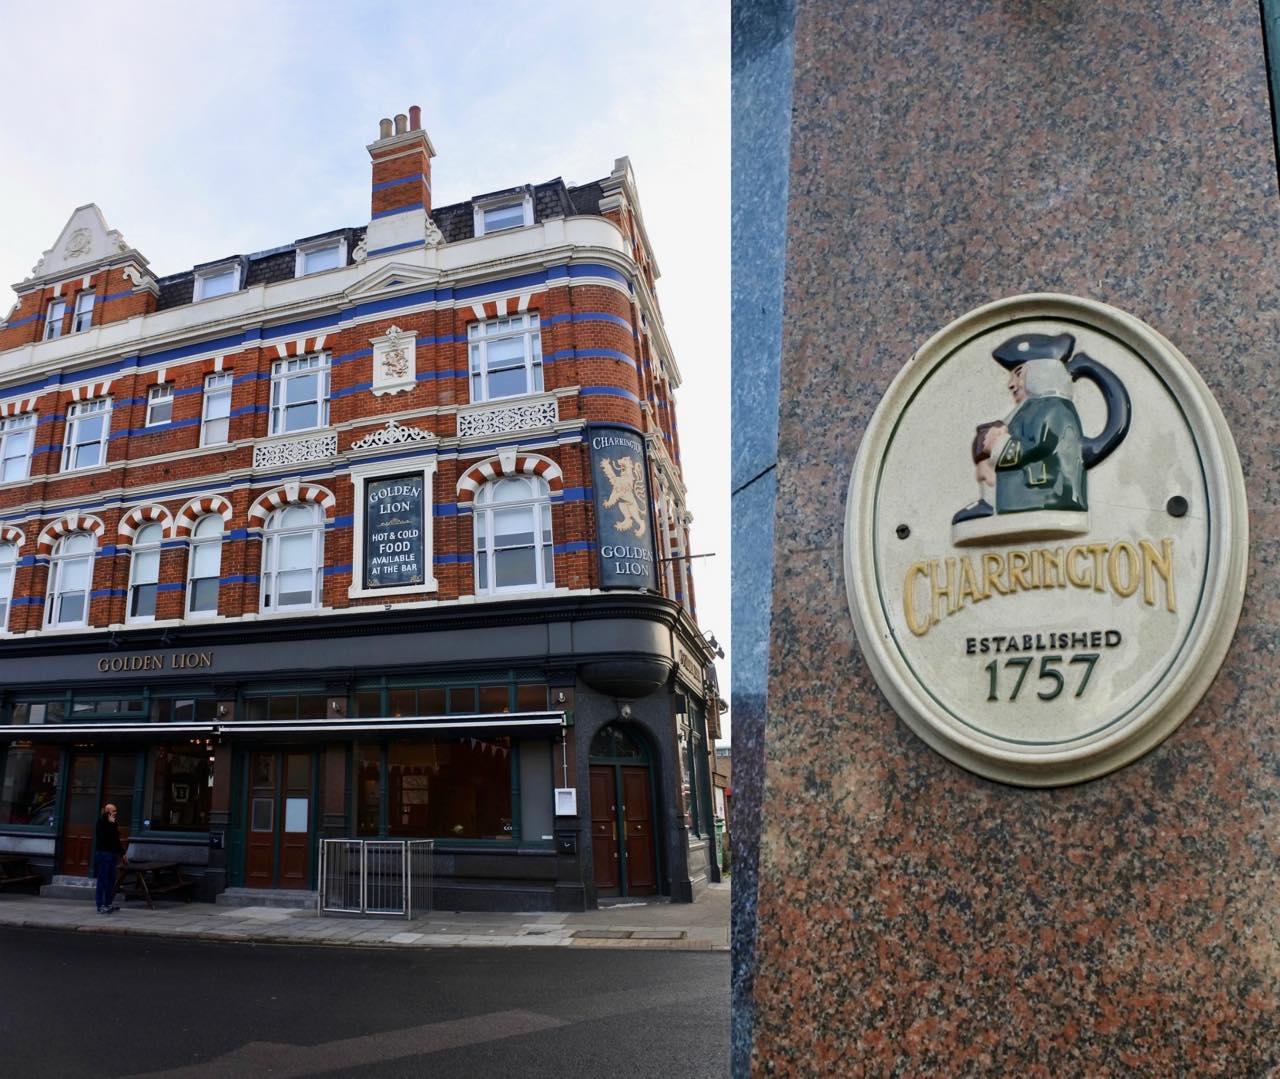 リノベーションがすっかり完了し、ハンサムな外観に♪ 建物自体は1757年からあるようです。